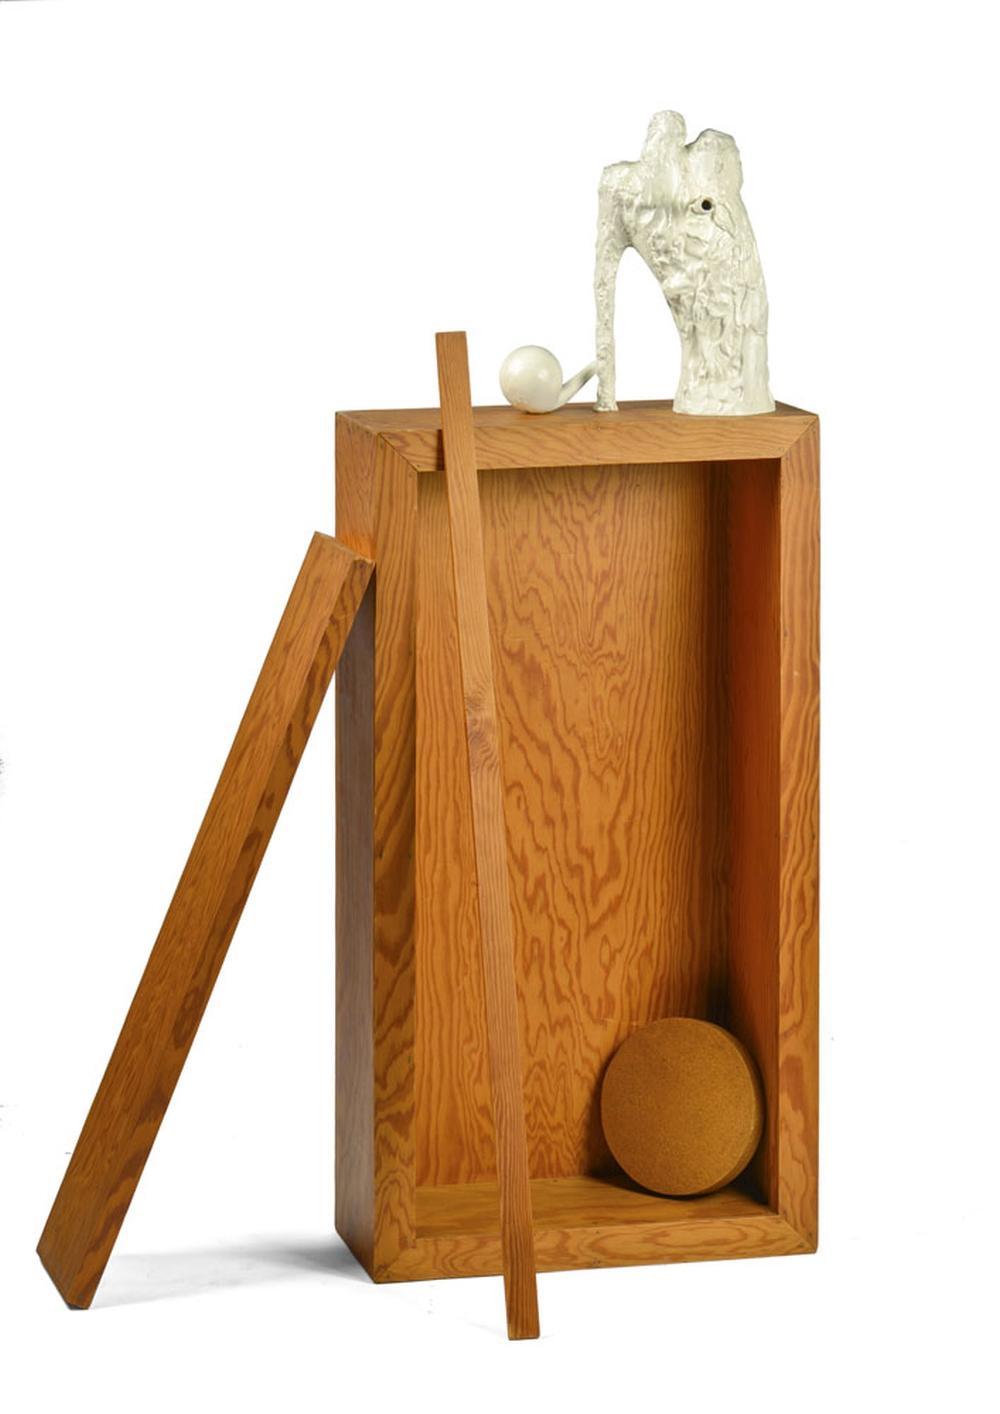 SANCHES, Rui, madeira, pedra e tinta, 152x80x44cm